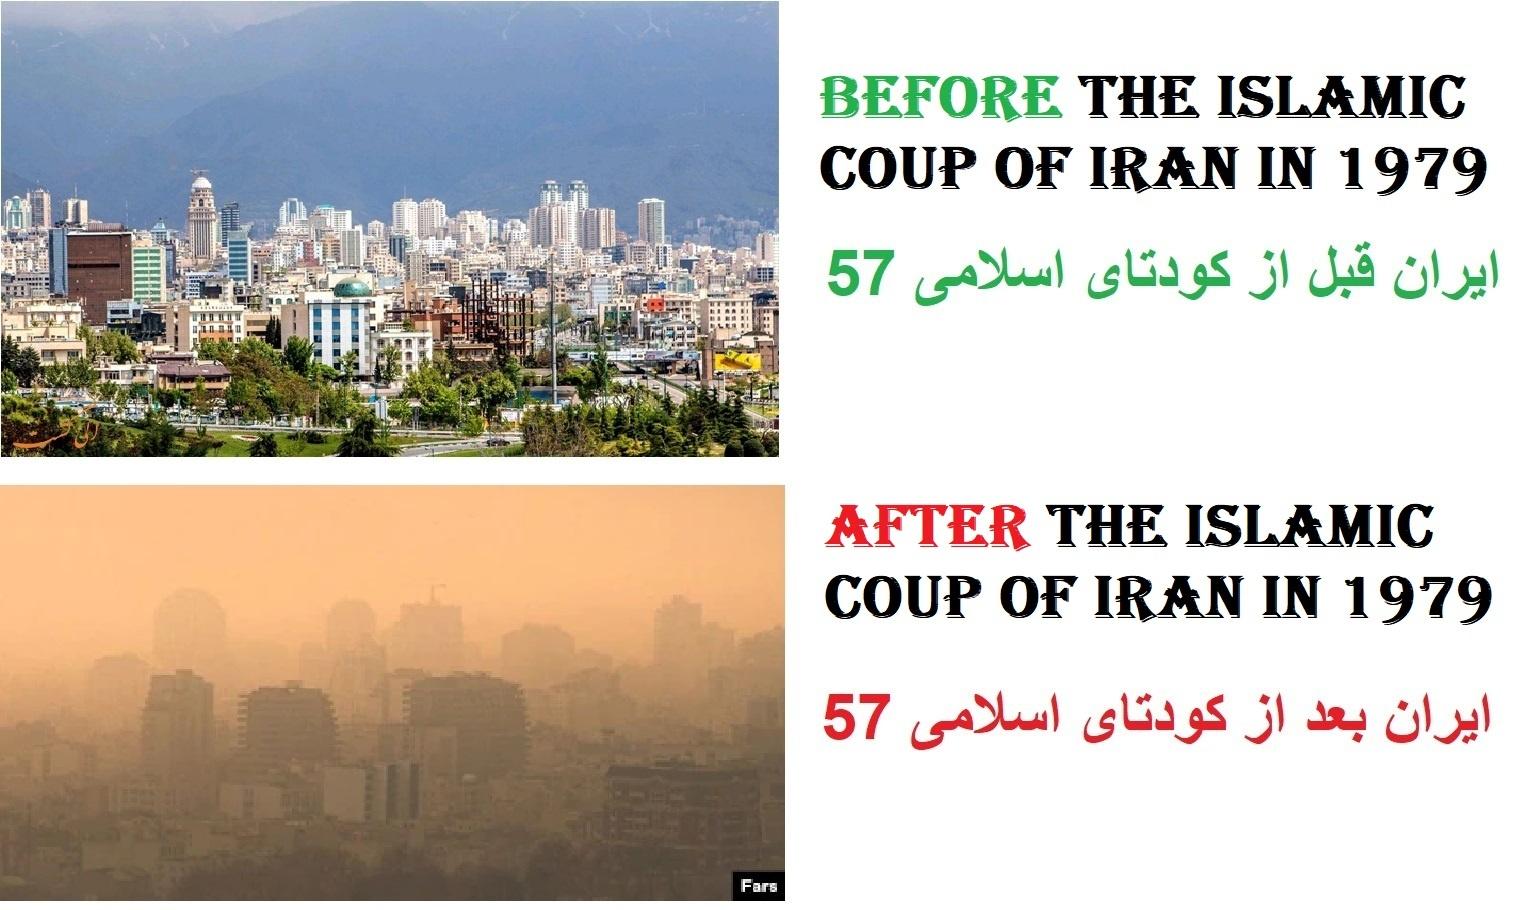 عکس قبل و بعد از انقلاب